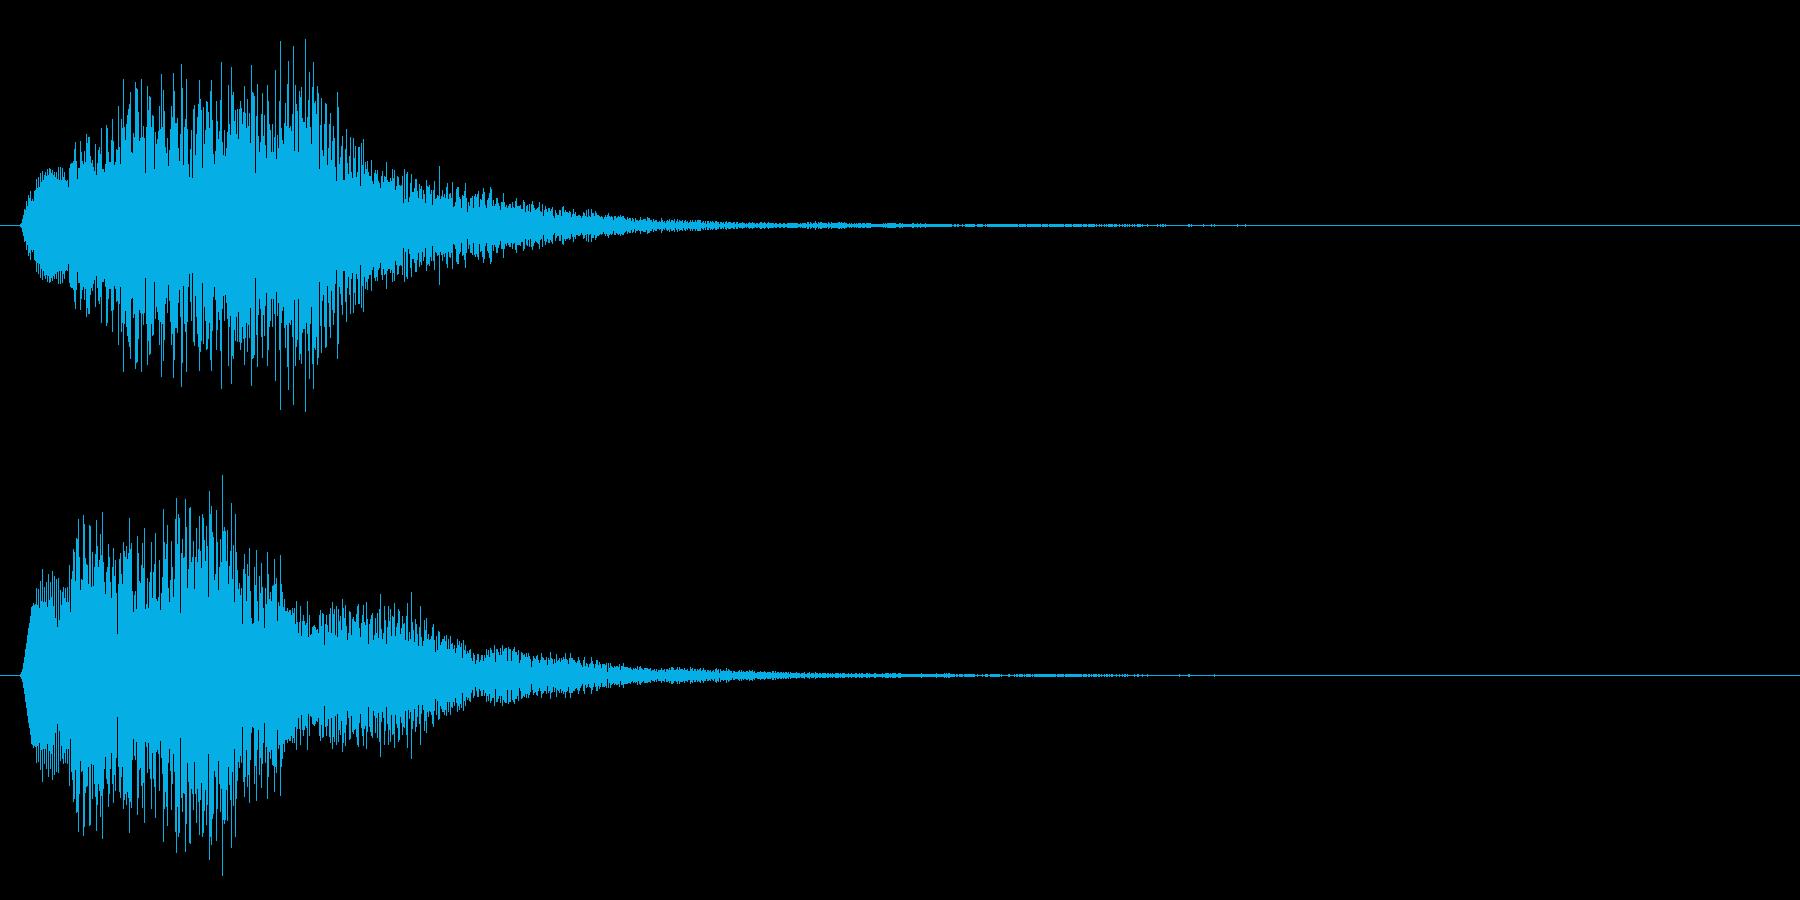 決定音/上昇系/シンセサイザーの再生済みの波形